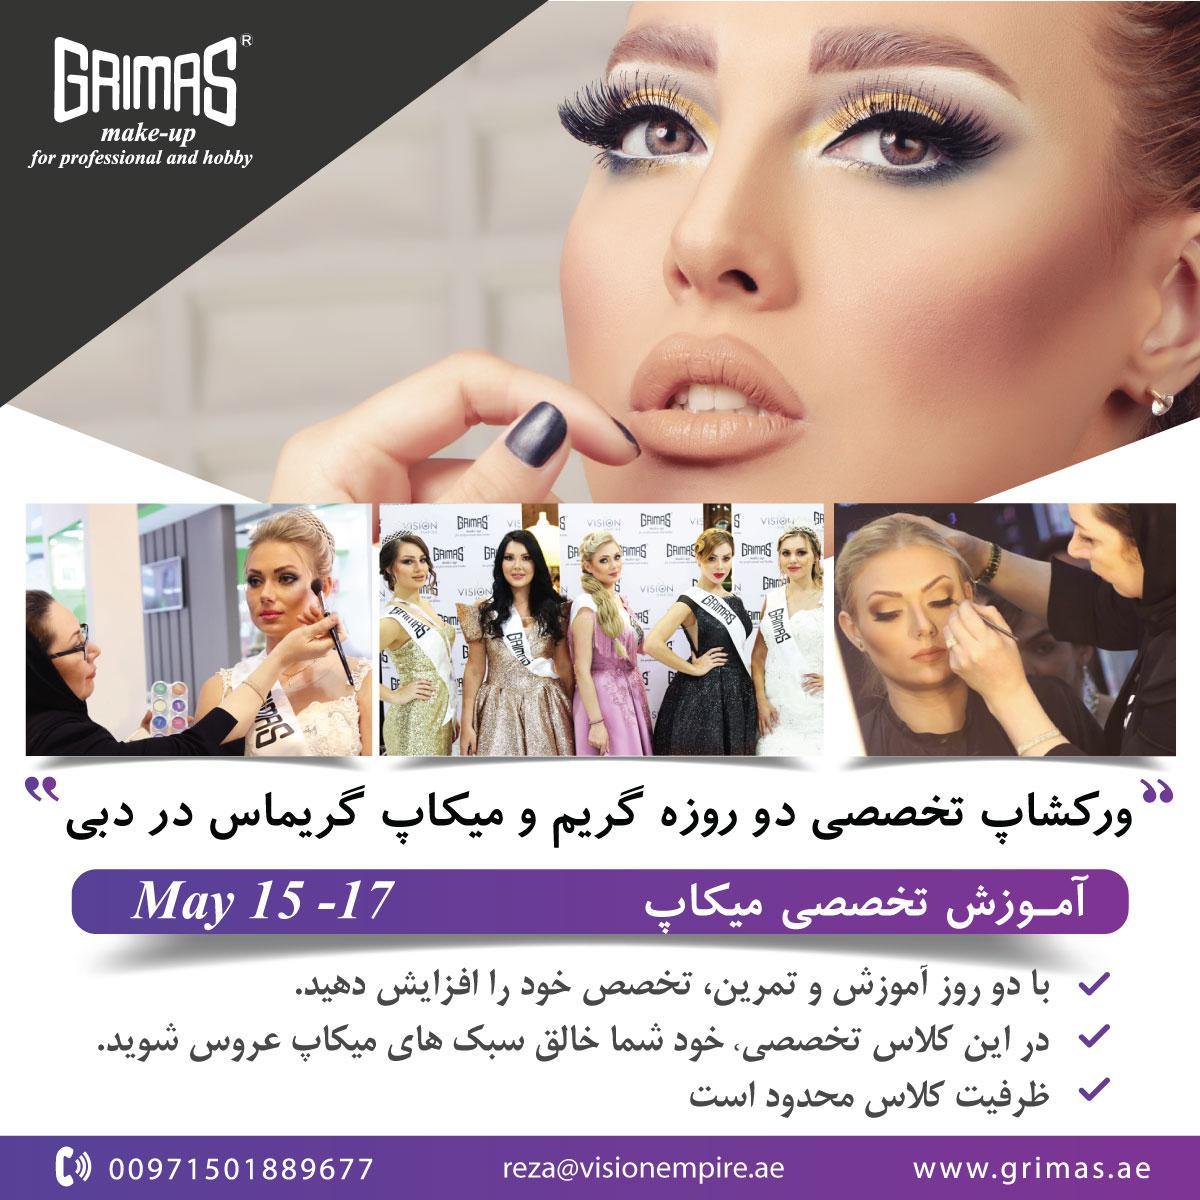 grimas-15-17-may-iran